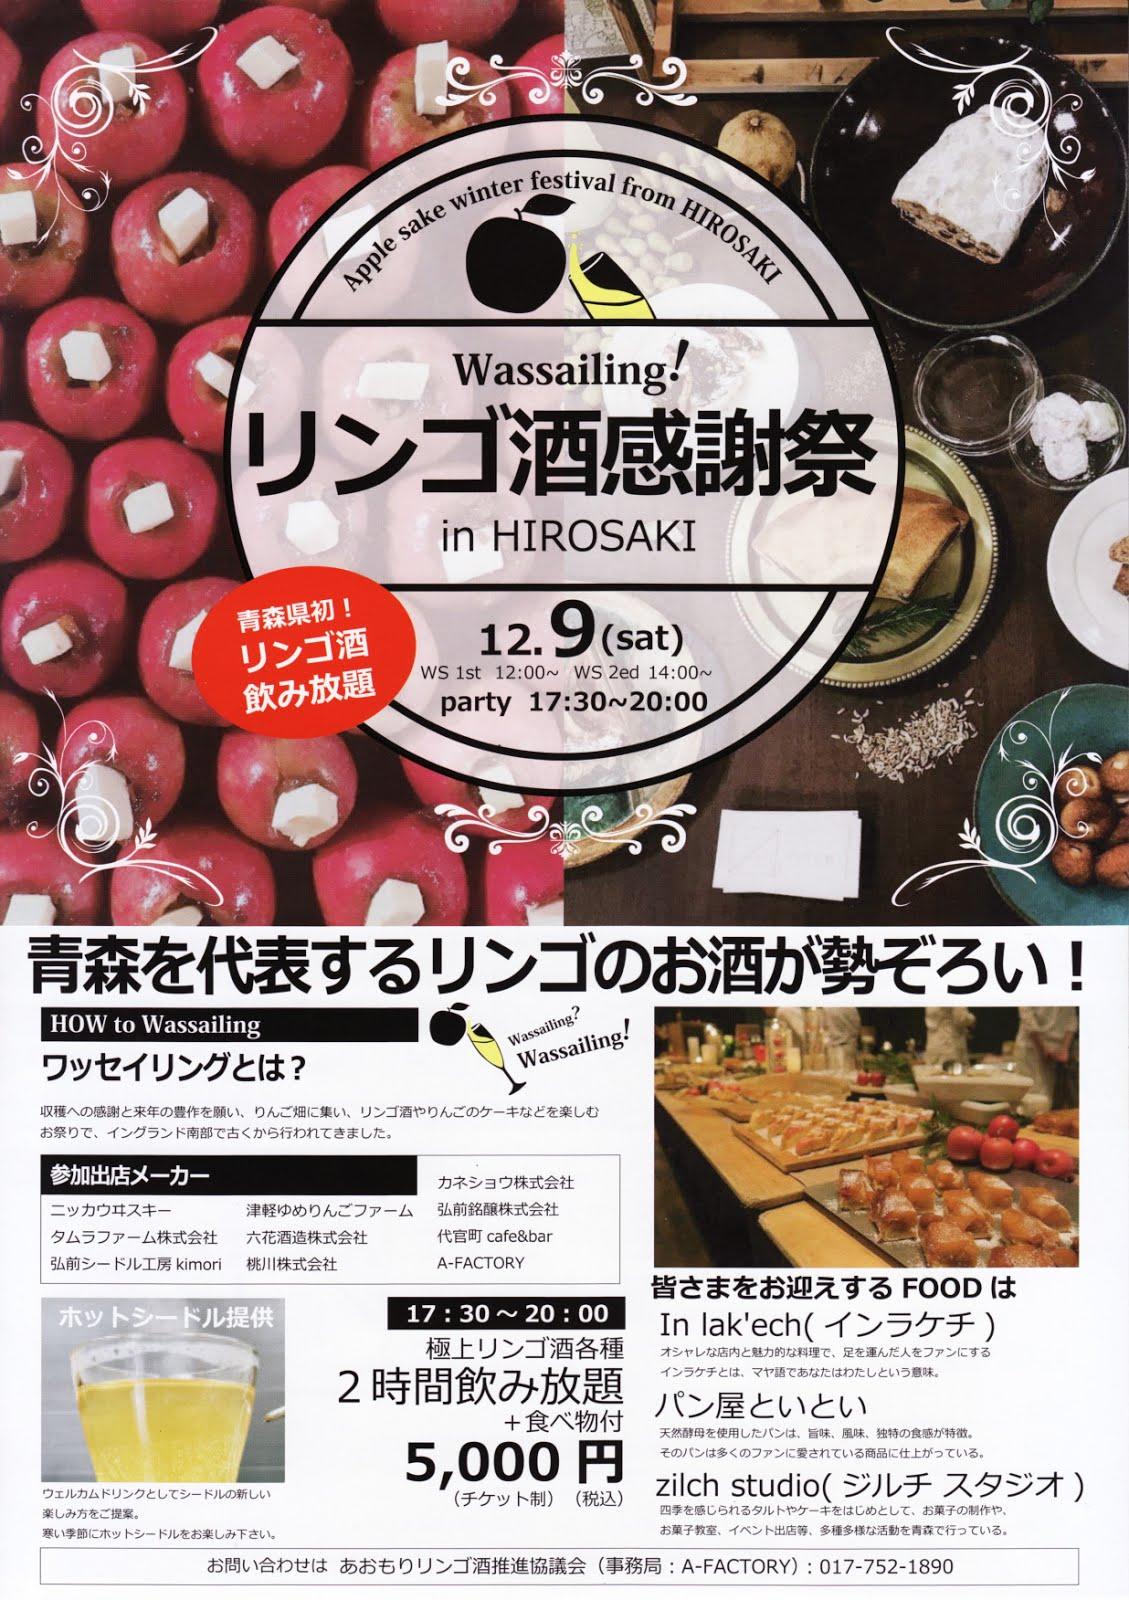 リンゴ酒感謝祭 in HIROSAKI